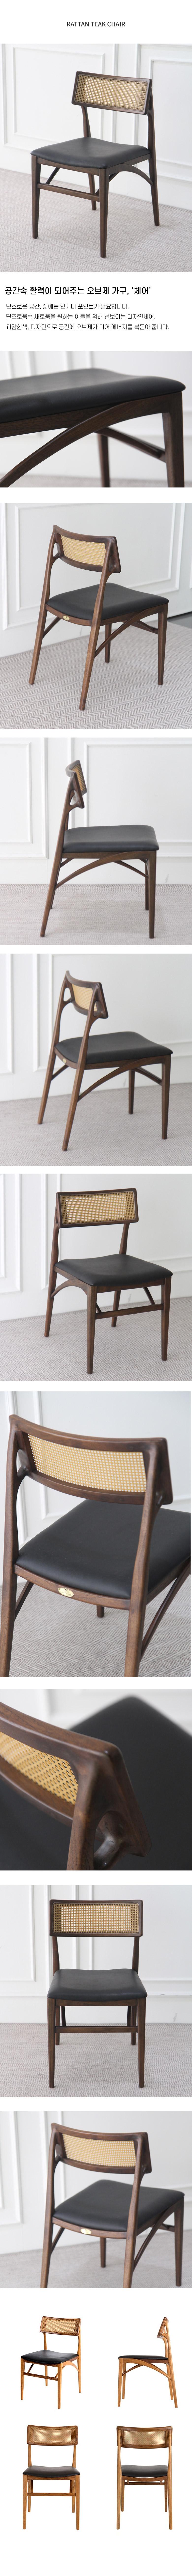 로이 라탄 티크 가죽 체어 - 로이퍼니처랩, 355,000원, 디자인 의자, 인테리어의자